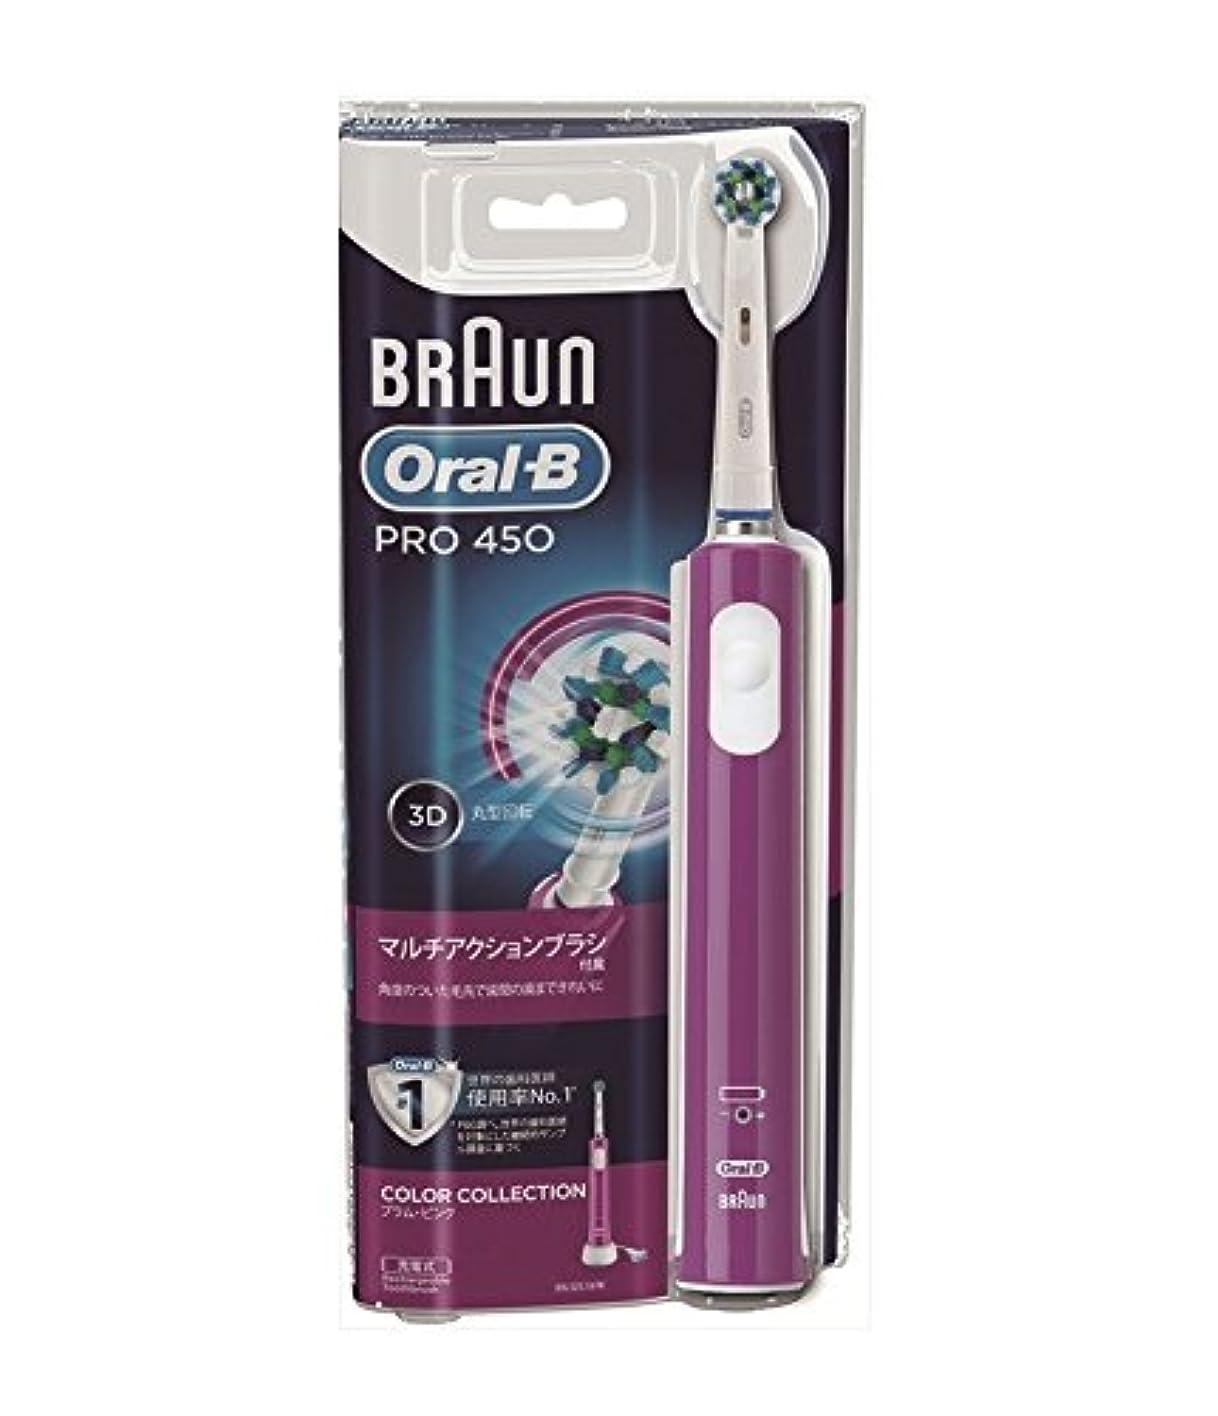 ブラウン オーラルB 電動歯ブラシ PRO450 プラムピンク